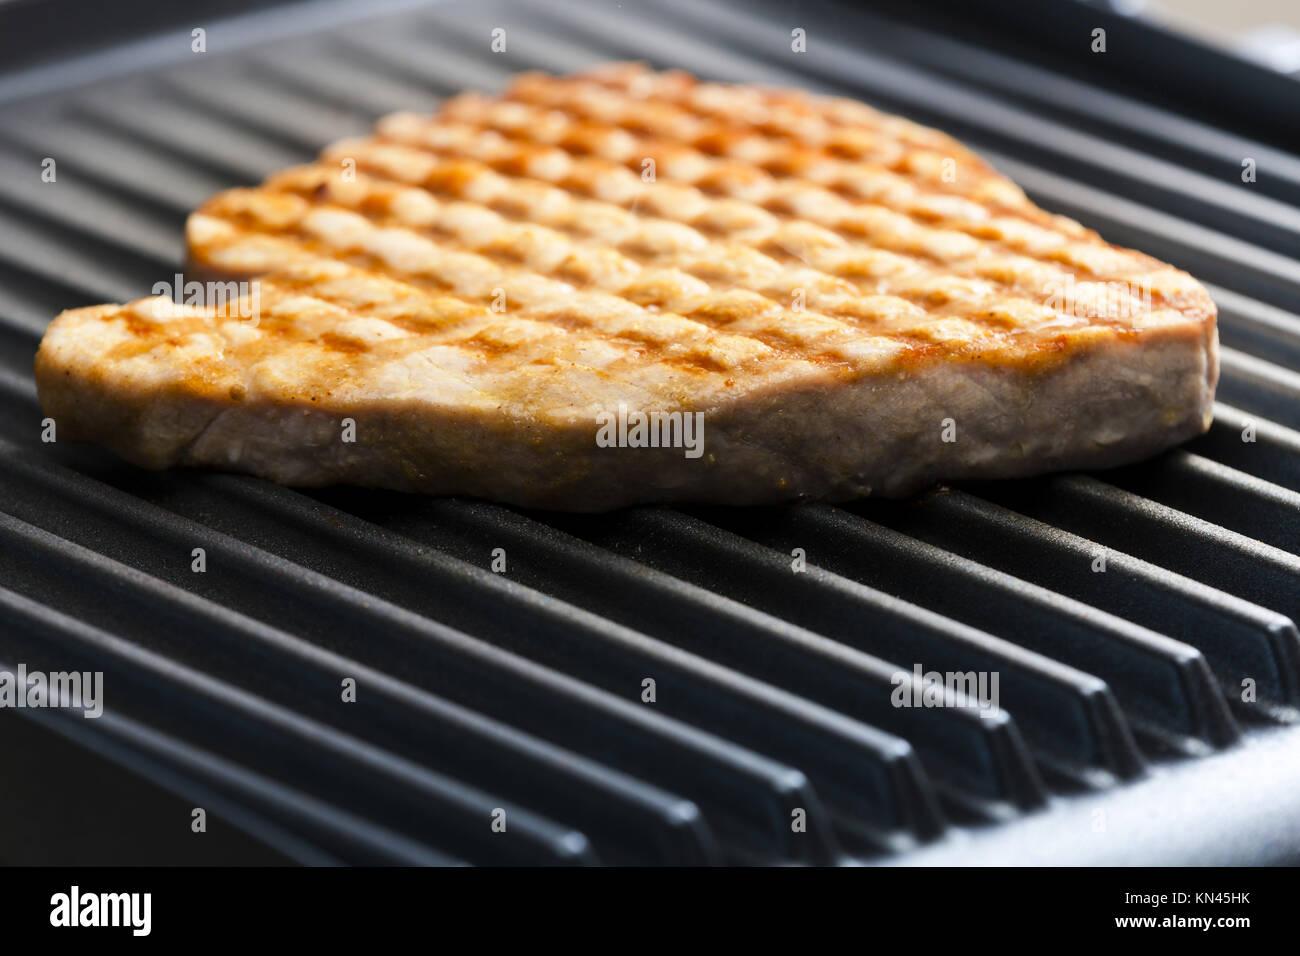 Bistecca di tonno sulla griglia elettrica. Immagini Stock